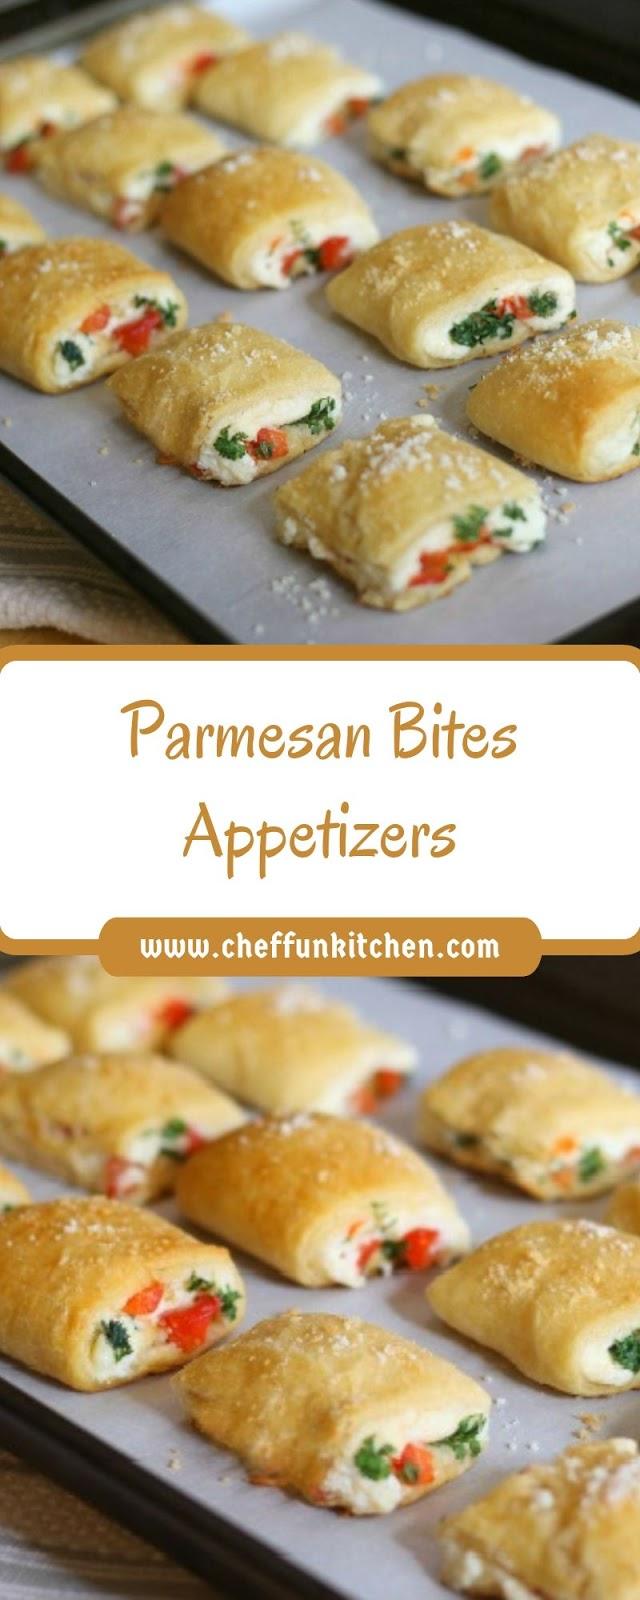 Parmesan Bites Appetizers